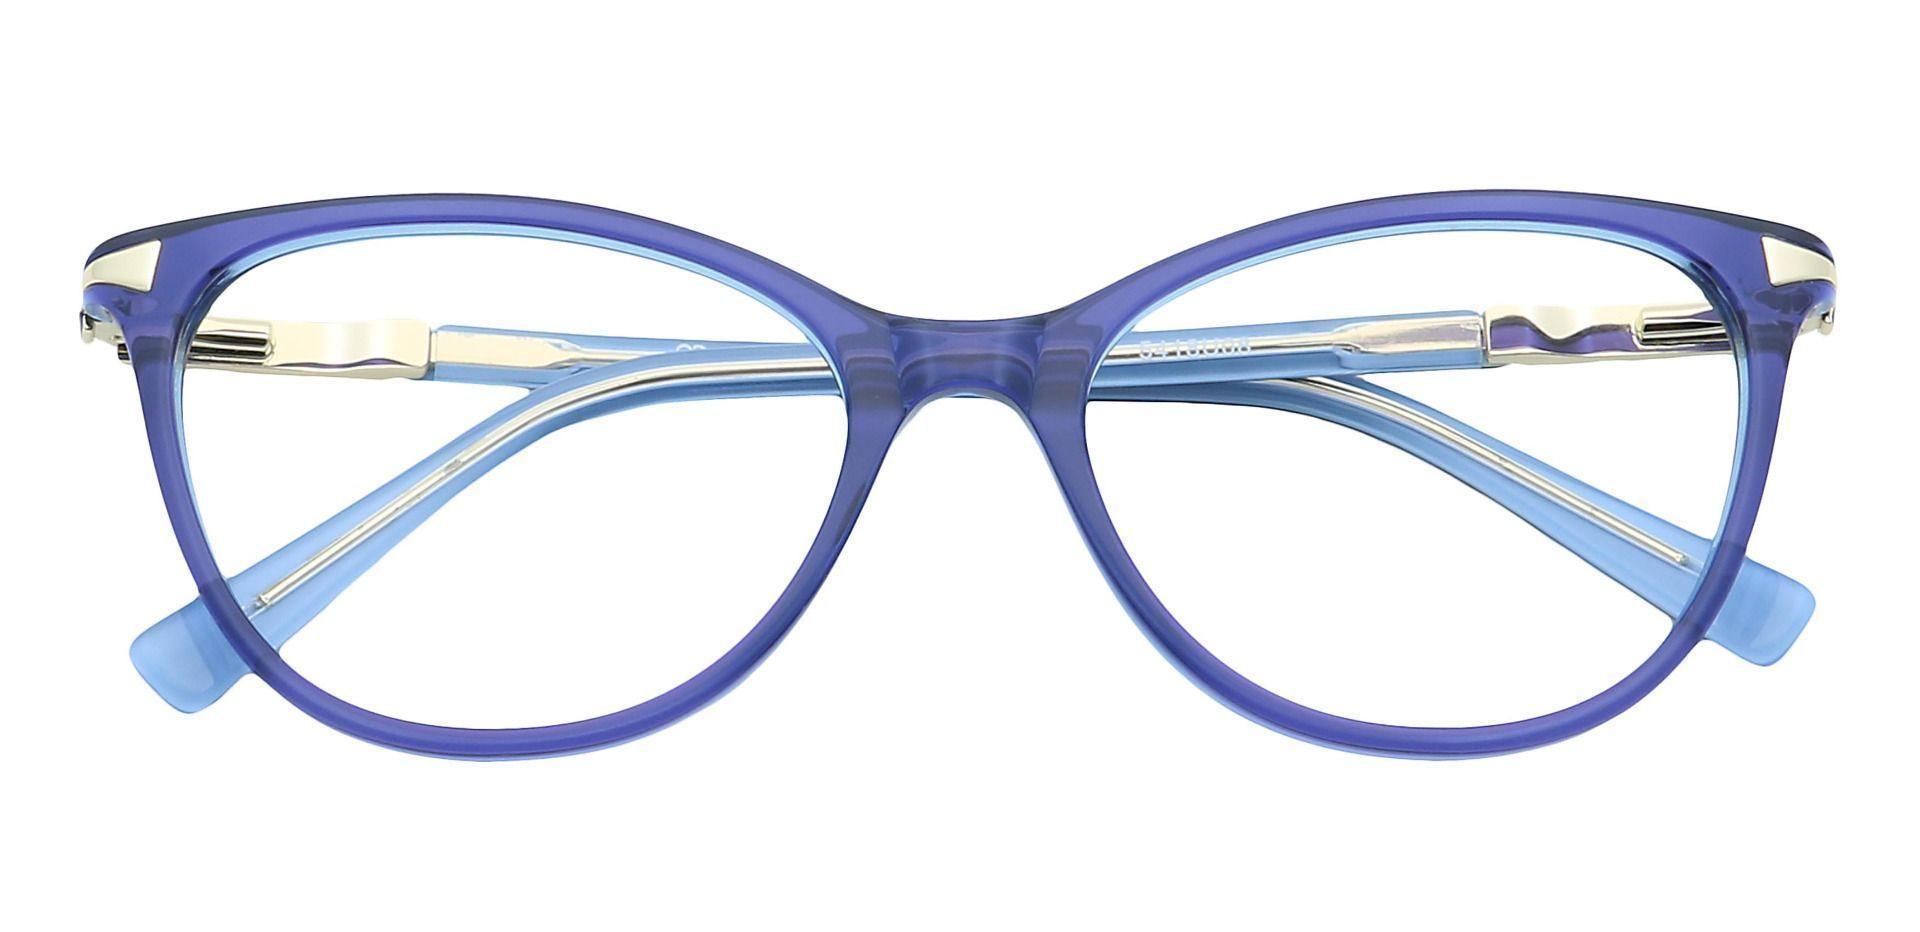 Nona Round Non-Rx Glasses - Blue